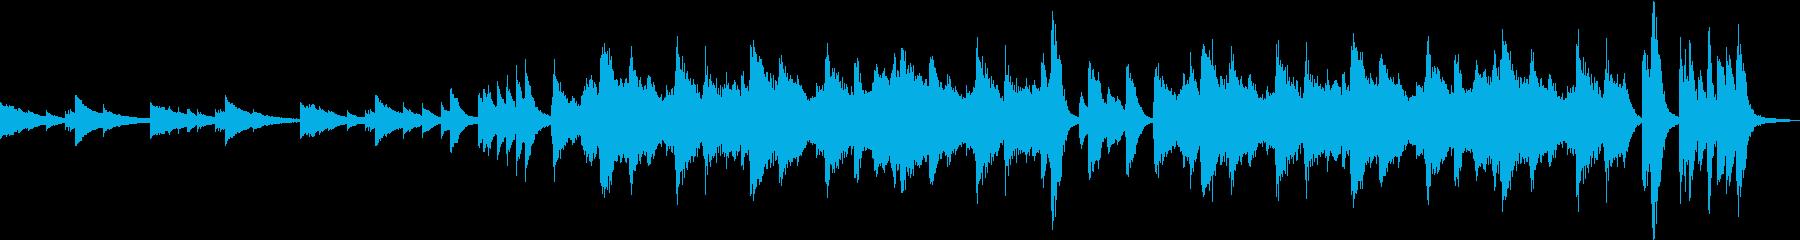 ミステリアスな鉄琴とストリングス 終止の再生済みの波形